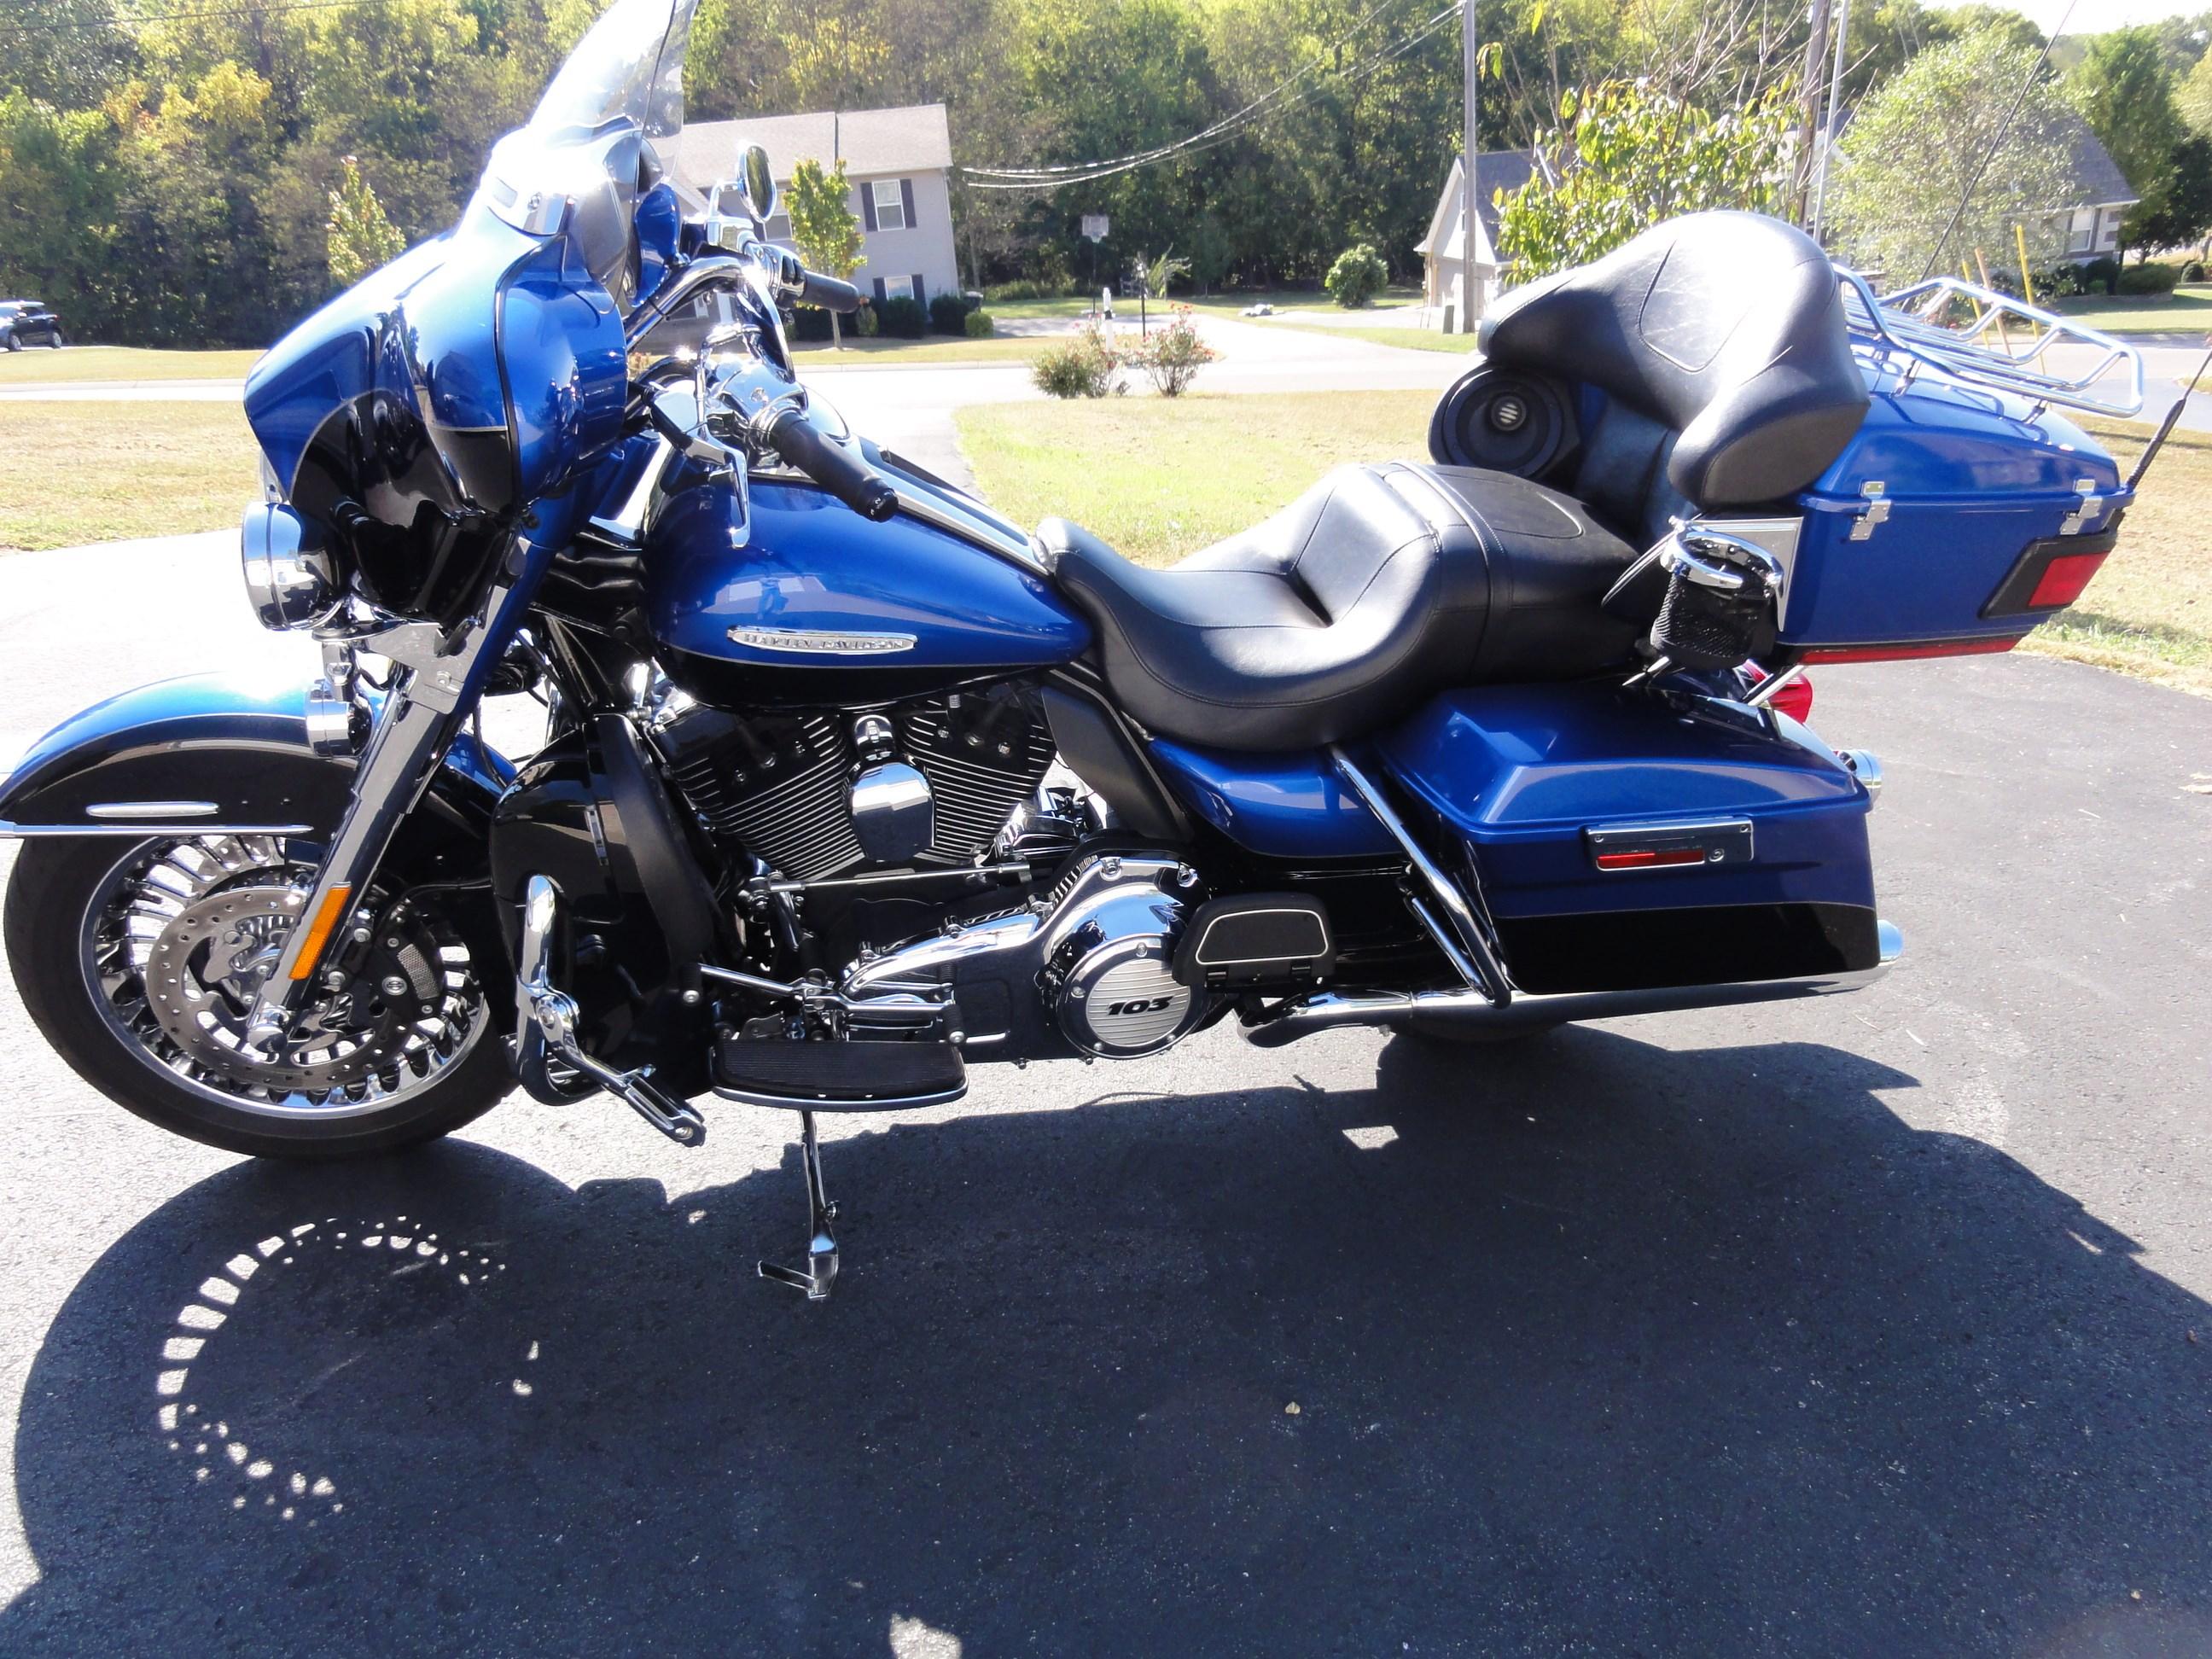 2010 Harley Davidson 174 Flhtk Electra Glide 174 Ultra Limited